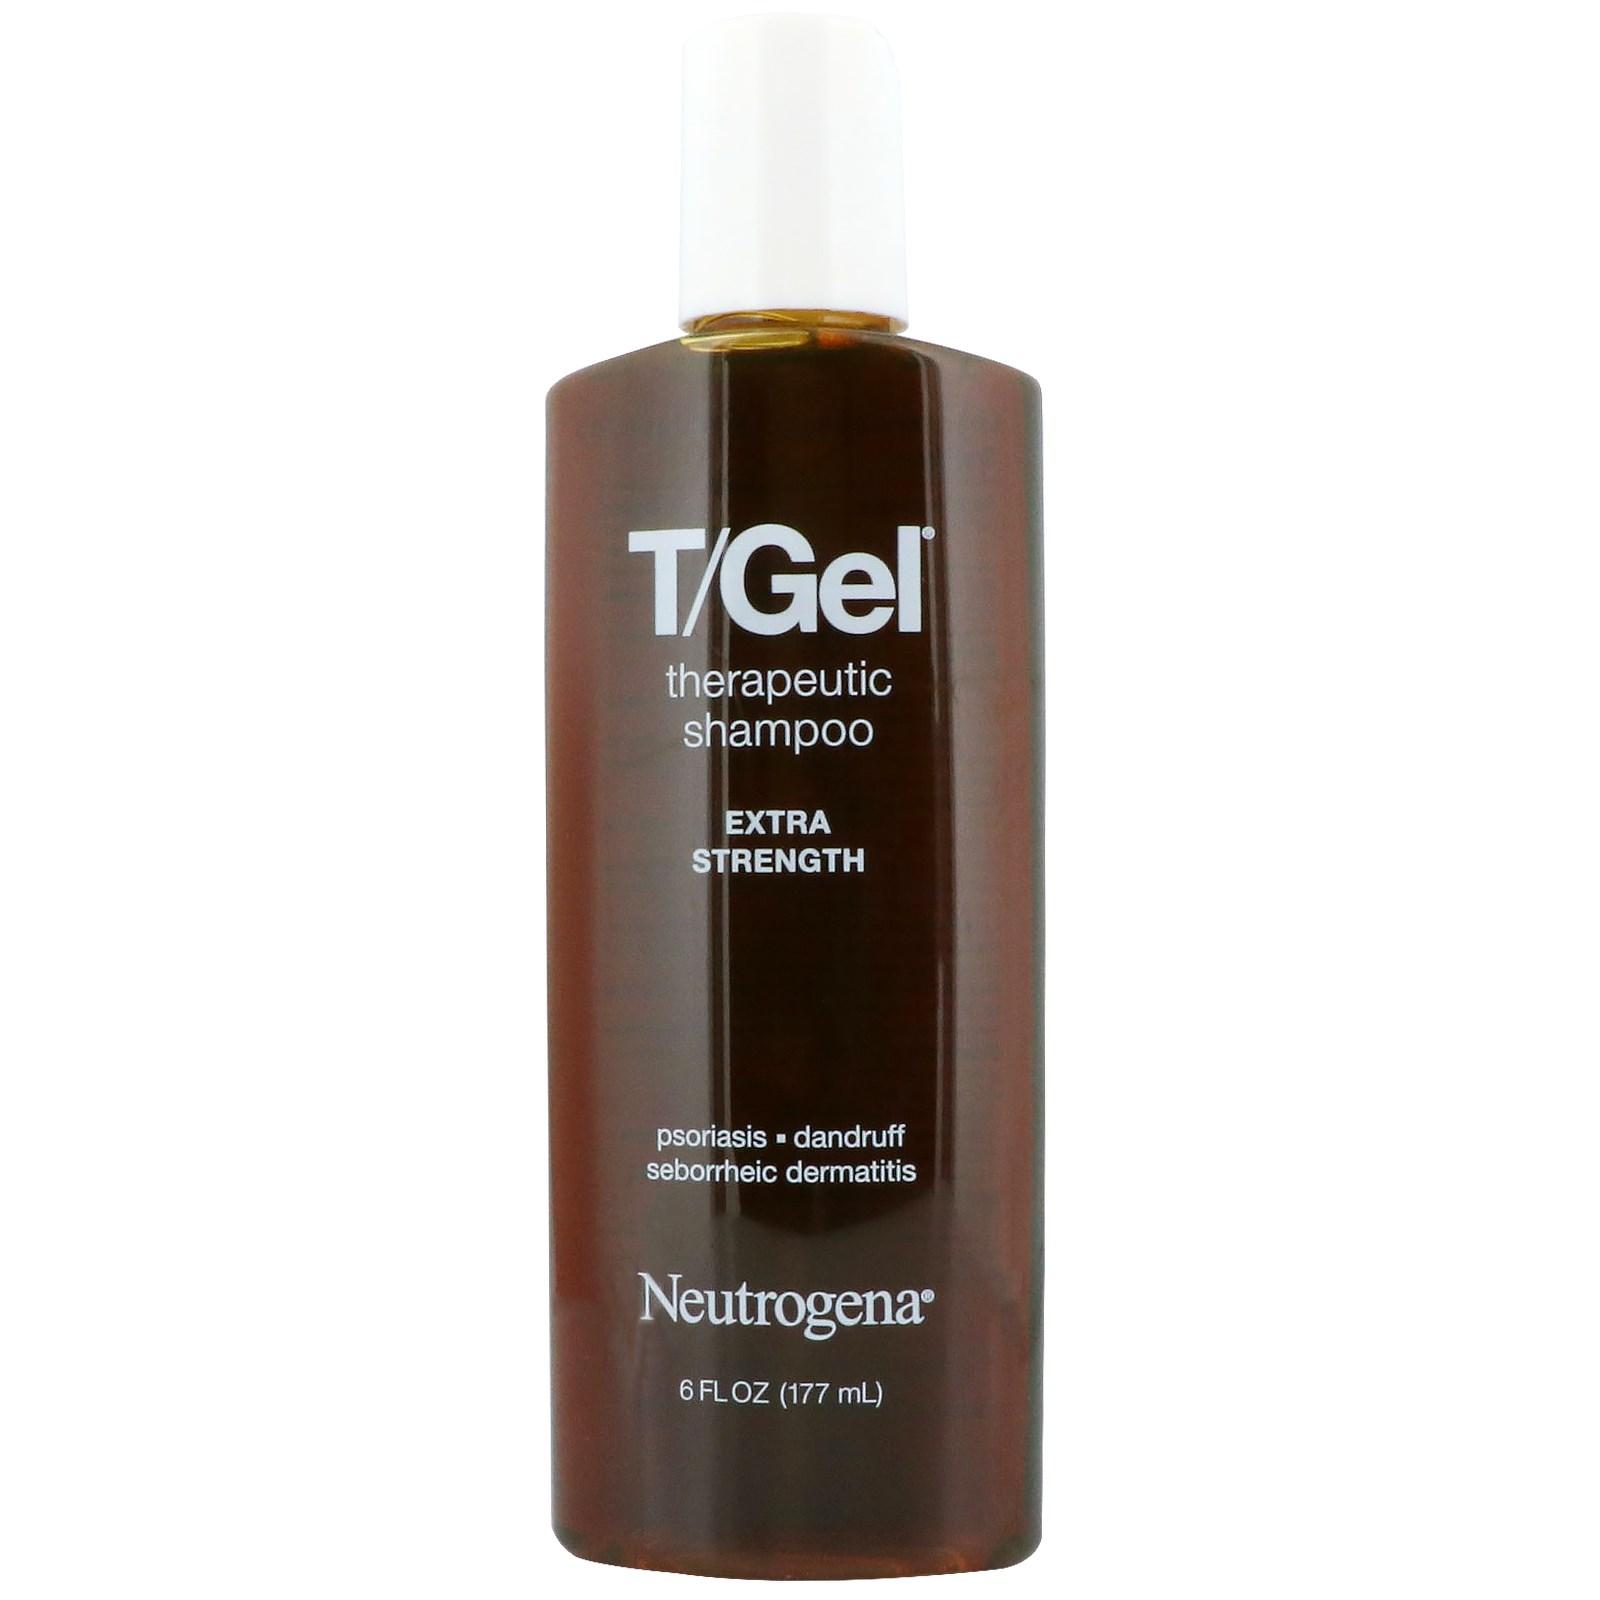 Neutrogena, T/Gel, Therapeutic Shampoo, Extra Strength, 6 fl oz (177 ml)